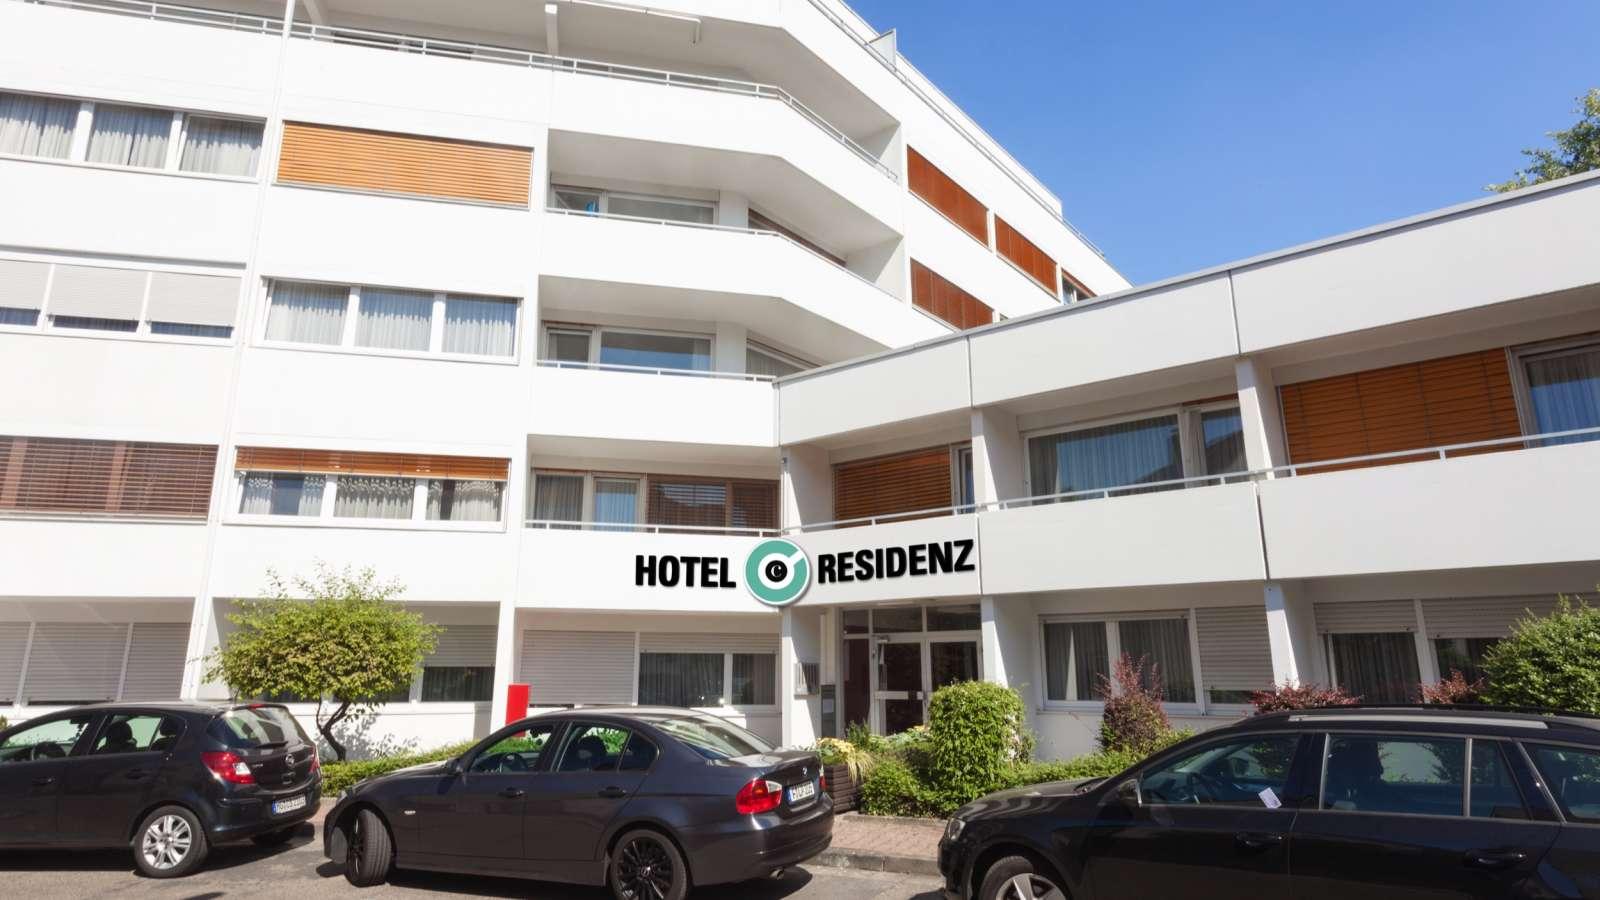 Centro Residenz Hotel Frankfurt